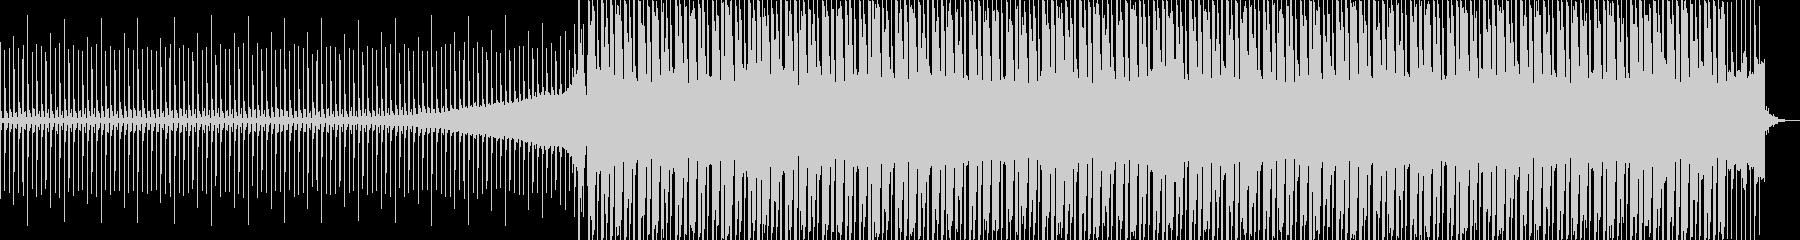 やんわりとした音のシンセサウンドの未再生の波形